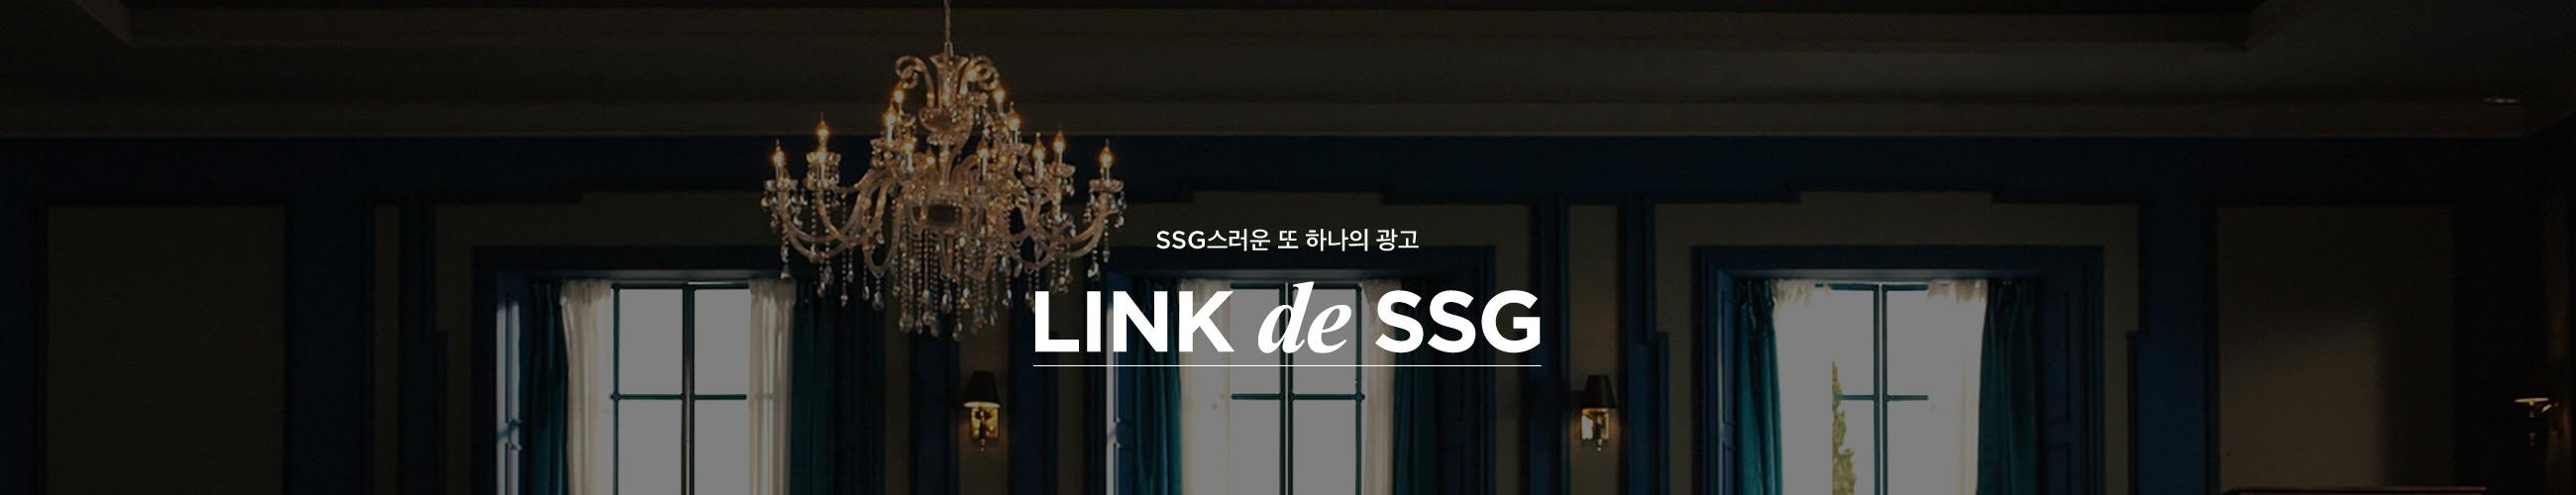 SSG스러운 또 하나의 광고! Link de SSG